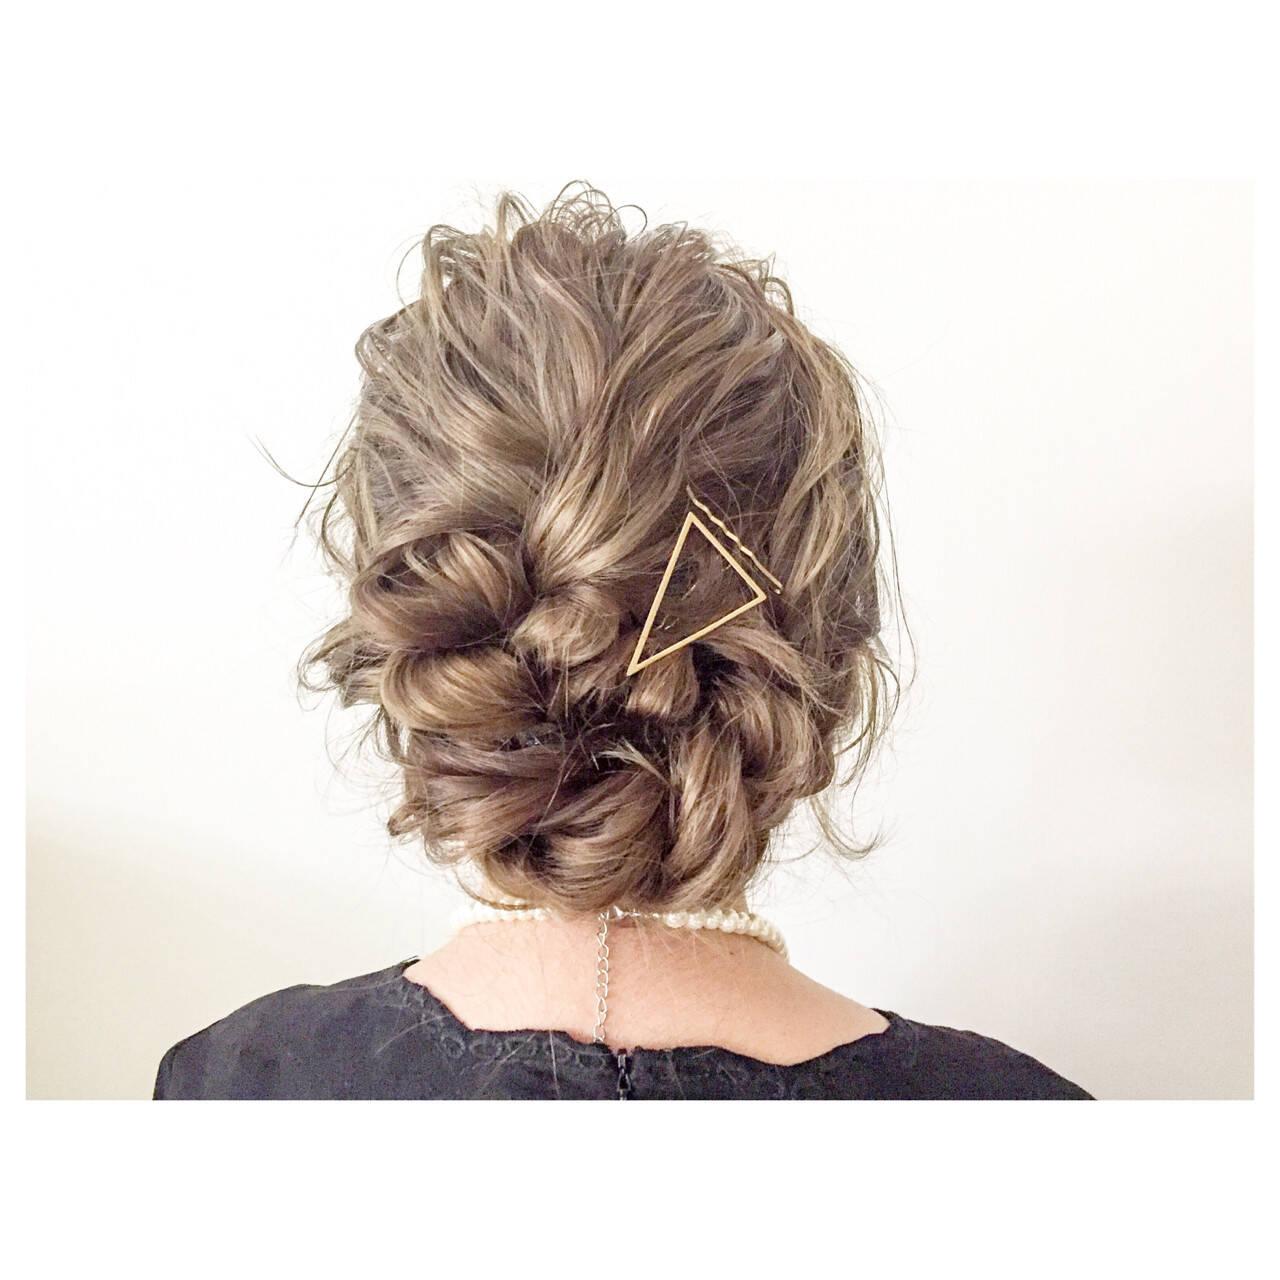 ルーズ ヘアアレンジ ミディアム 簡単ヘアアレンジヘアスタイルや髪型の写真・画像